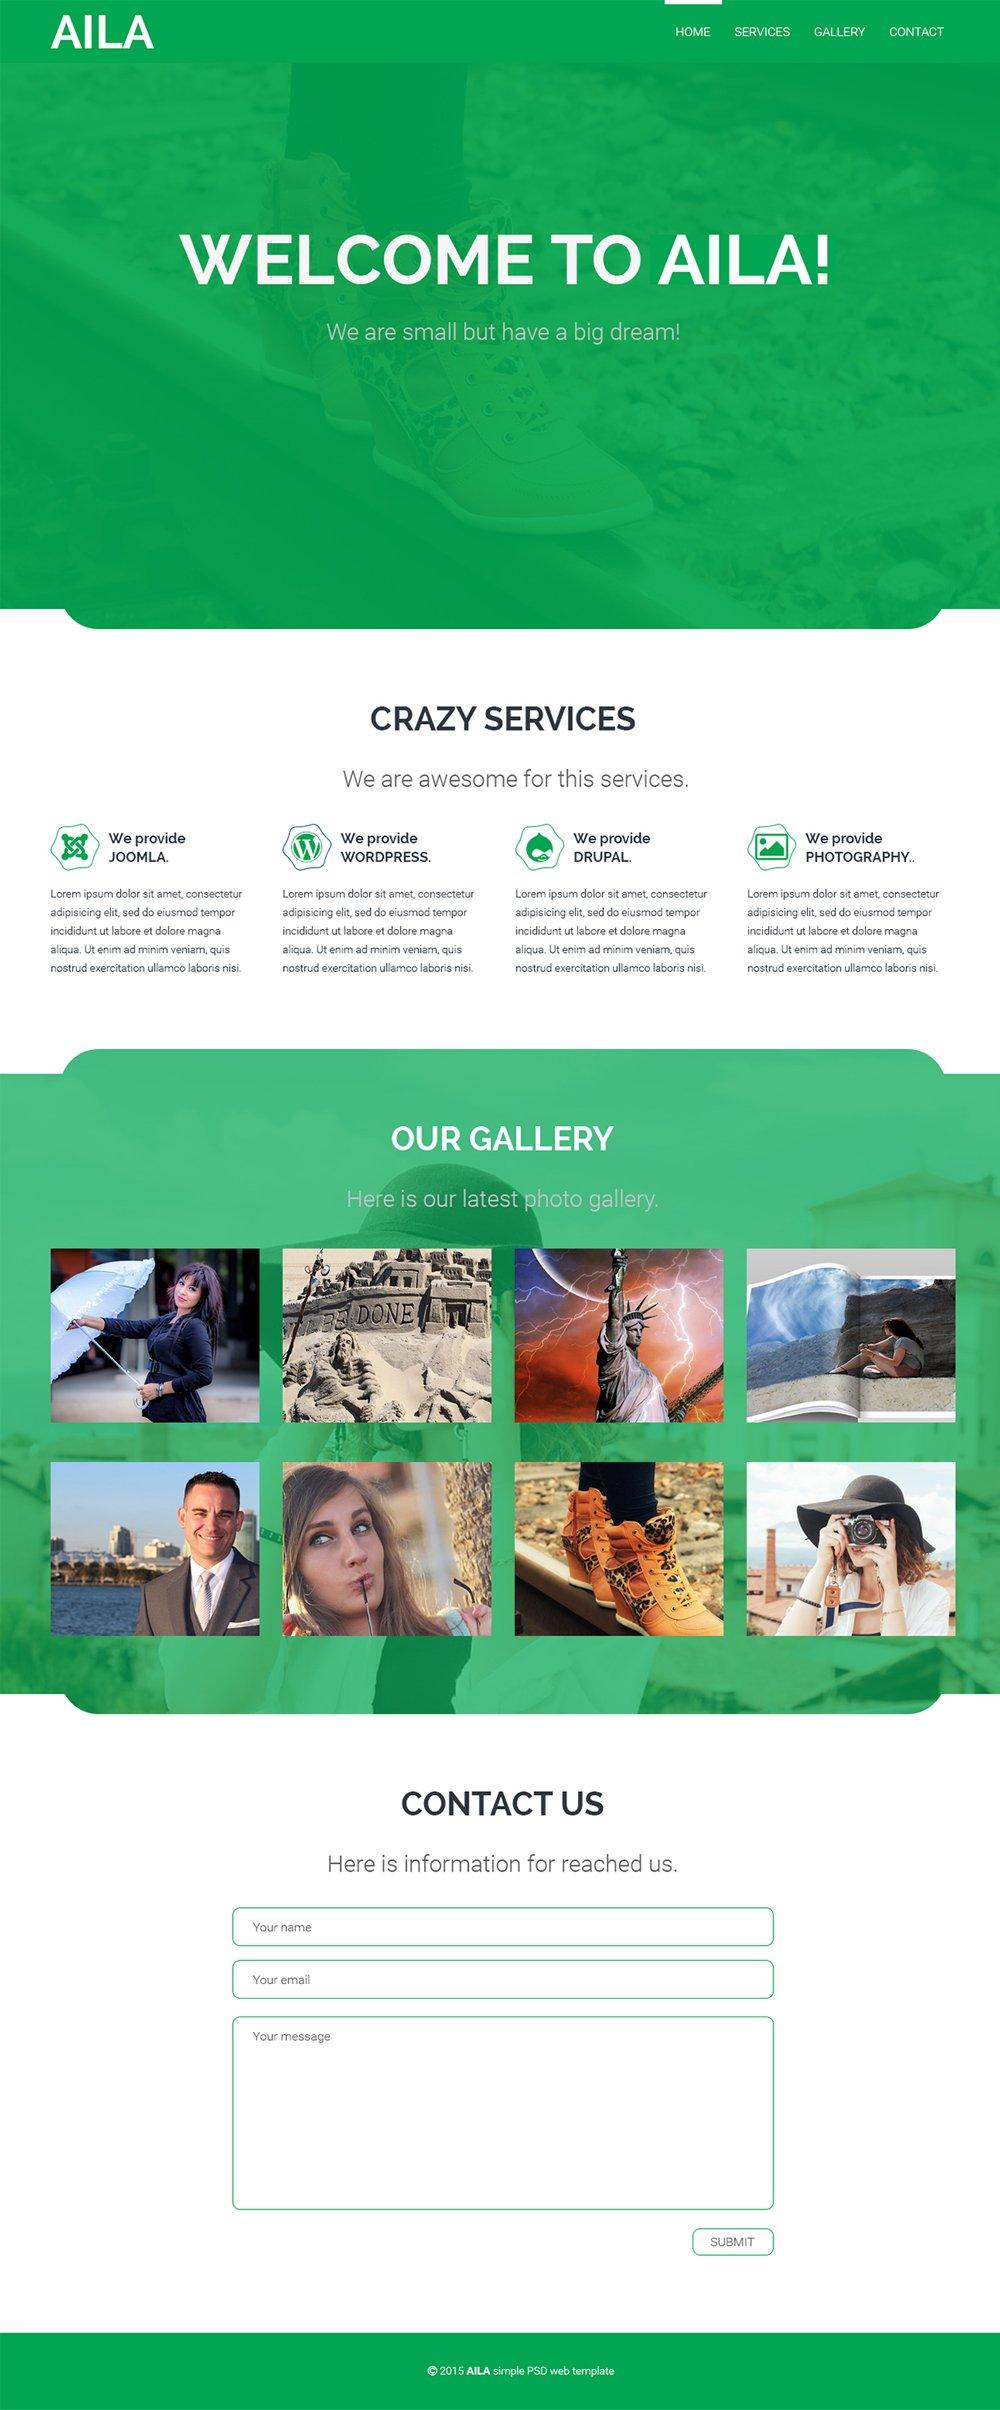 AILA - Free One Page Web Template PSD